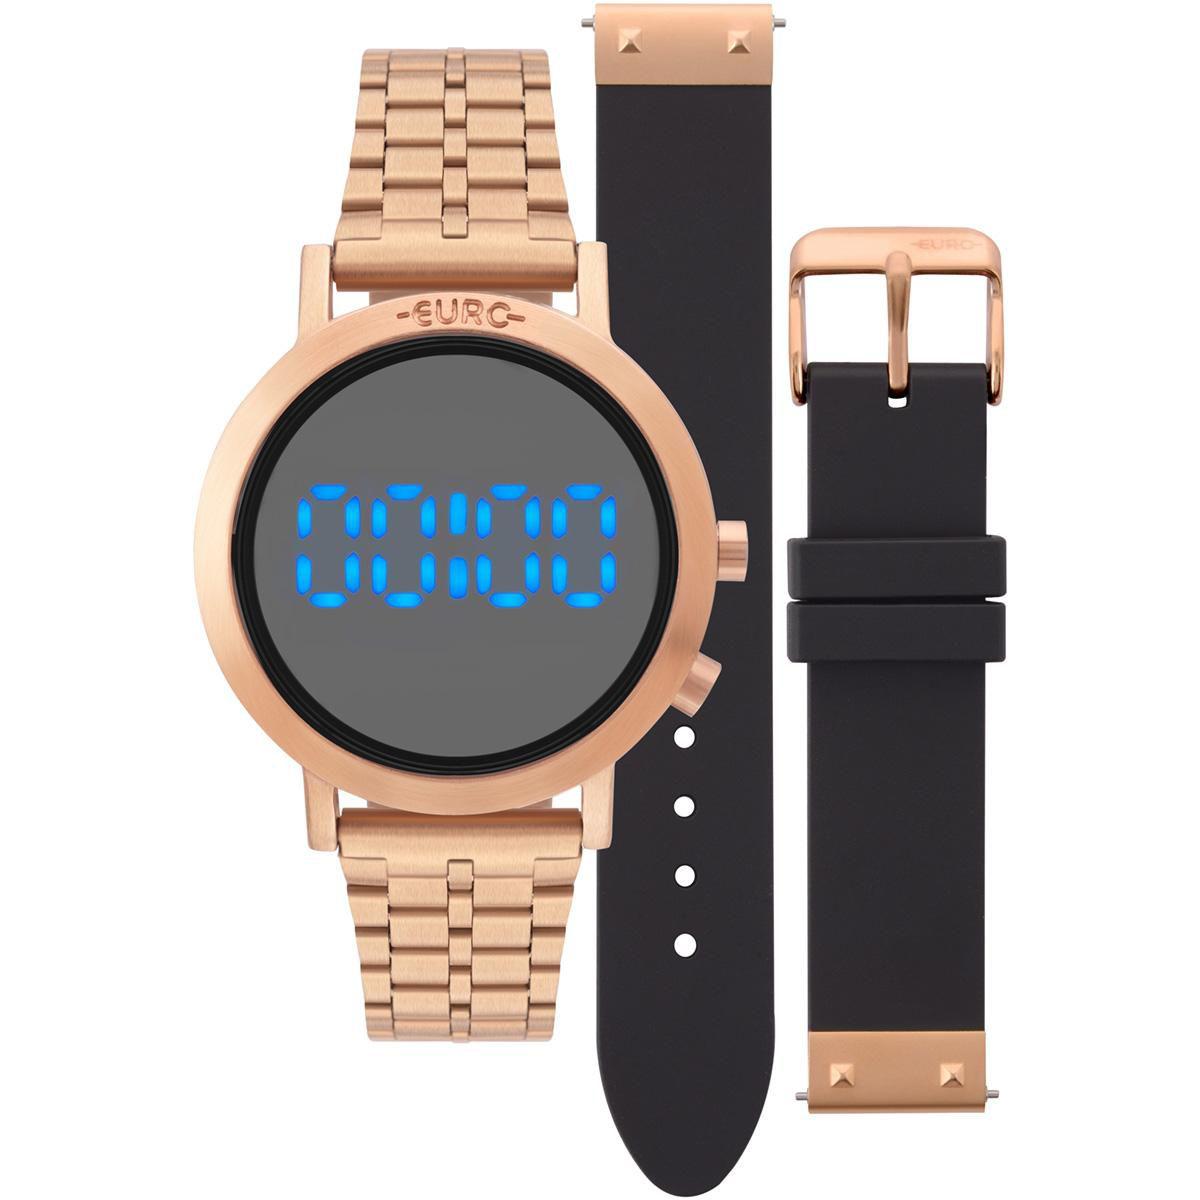 da24112efbc Relógio Feminino Euro Fashion Fit EUBJ3407AC T4P 38mm Aço Rosé